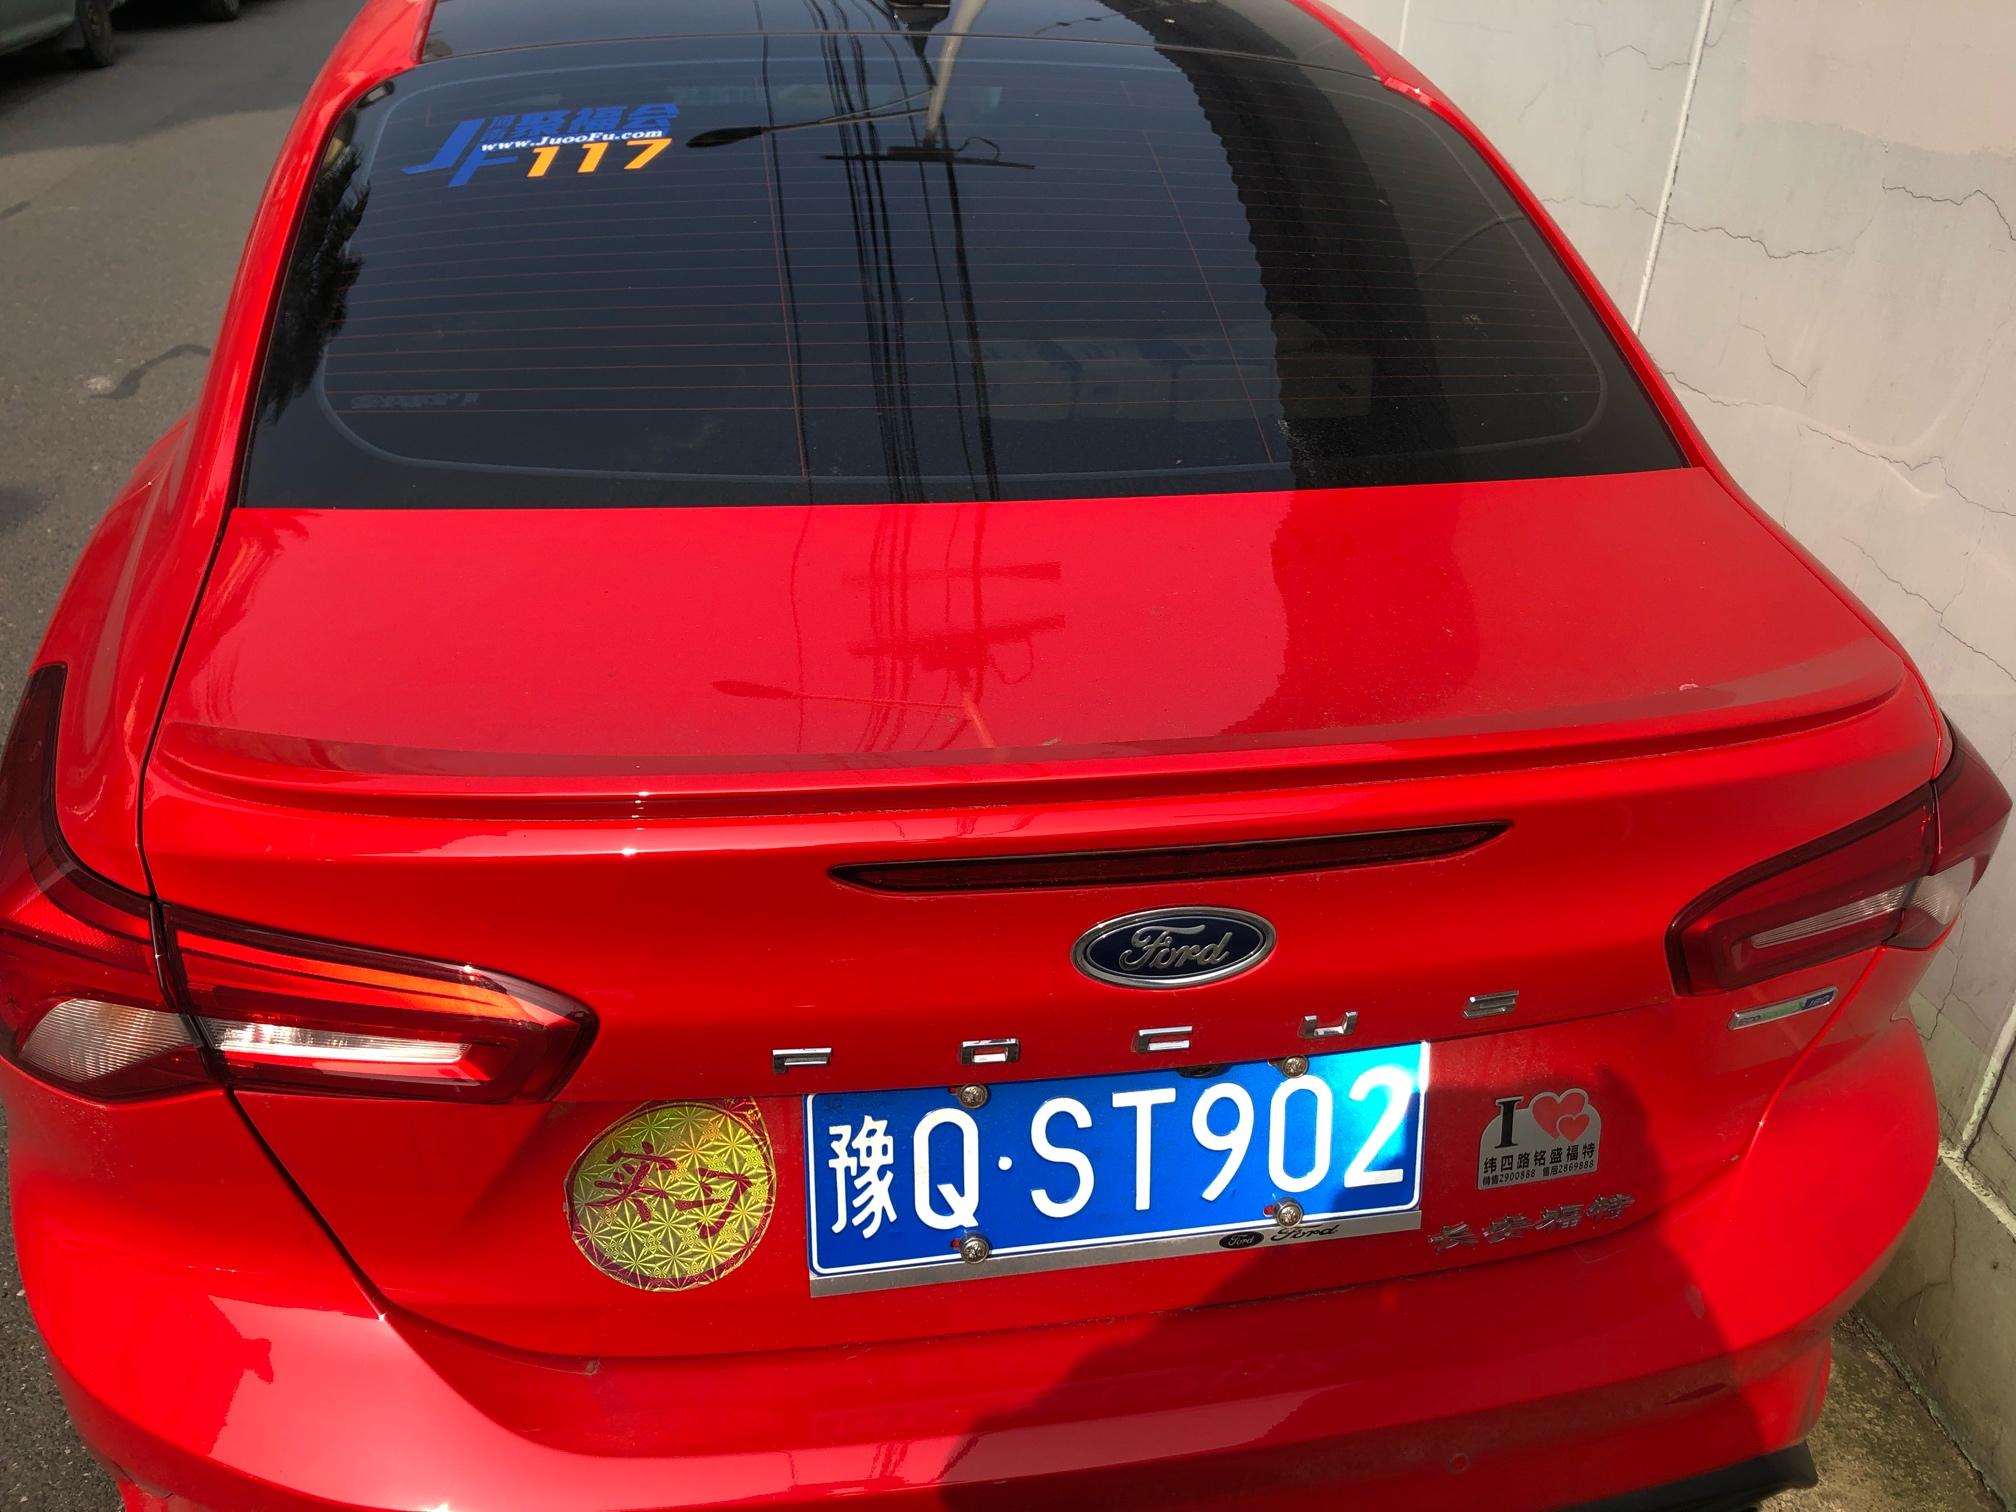 福特车友会车标申请规则8518 作者:张洪涛 帖子ID:45